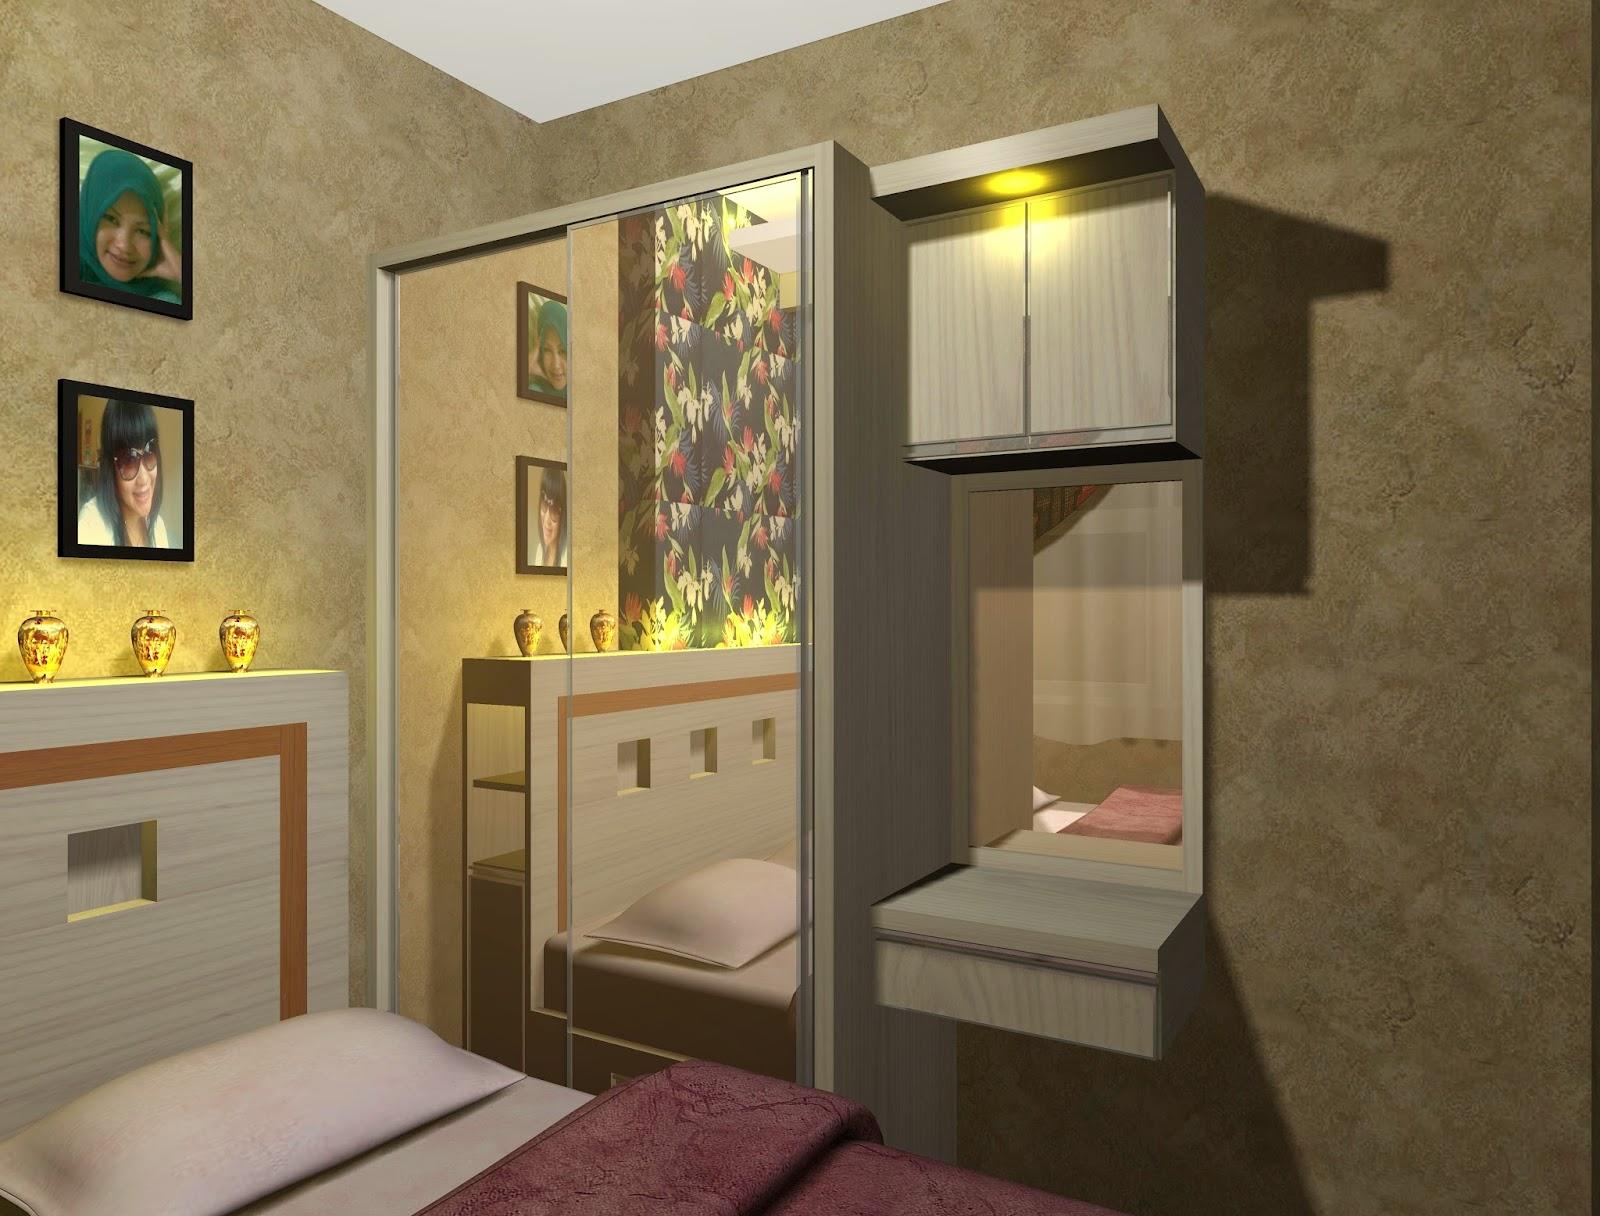 Koleksi Desain Ruang Tamu Apartemen Minimalis   Arsihome